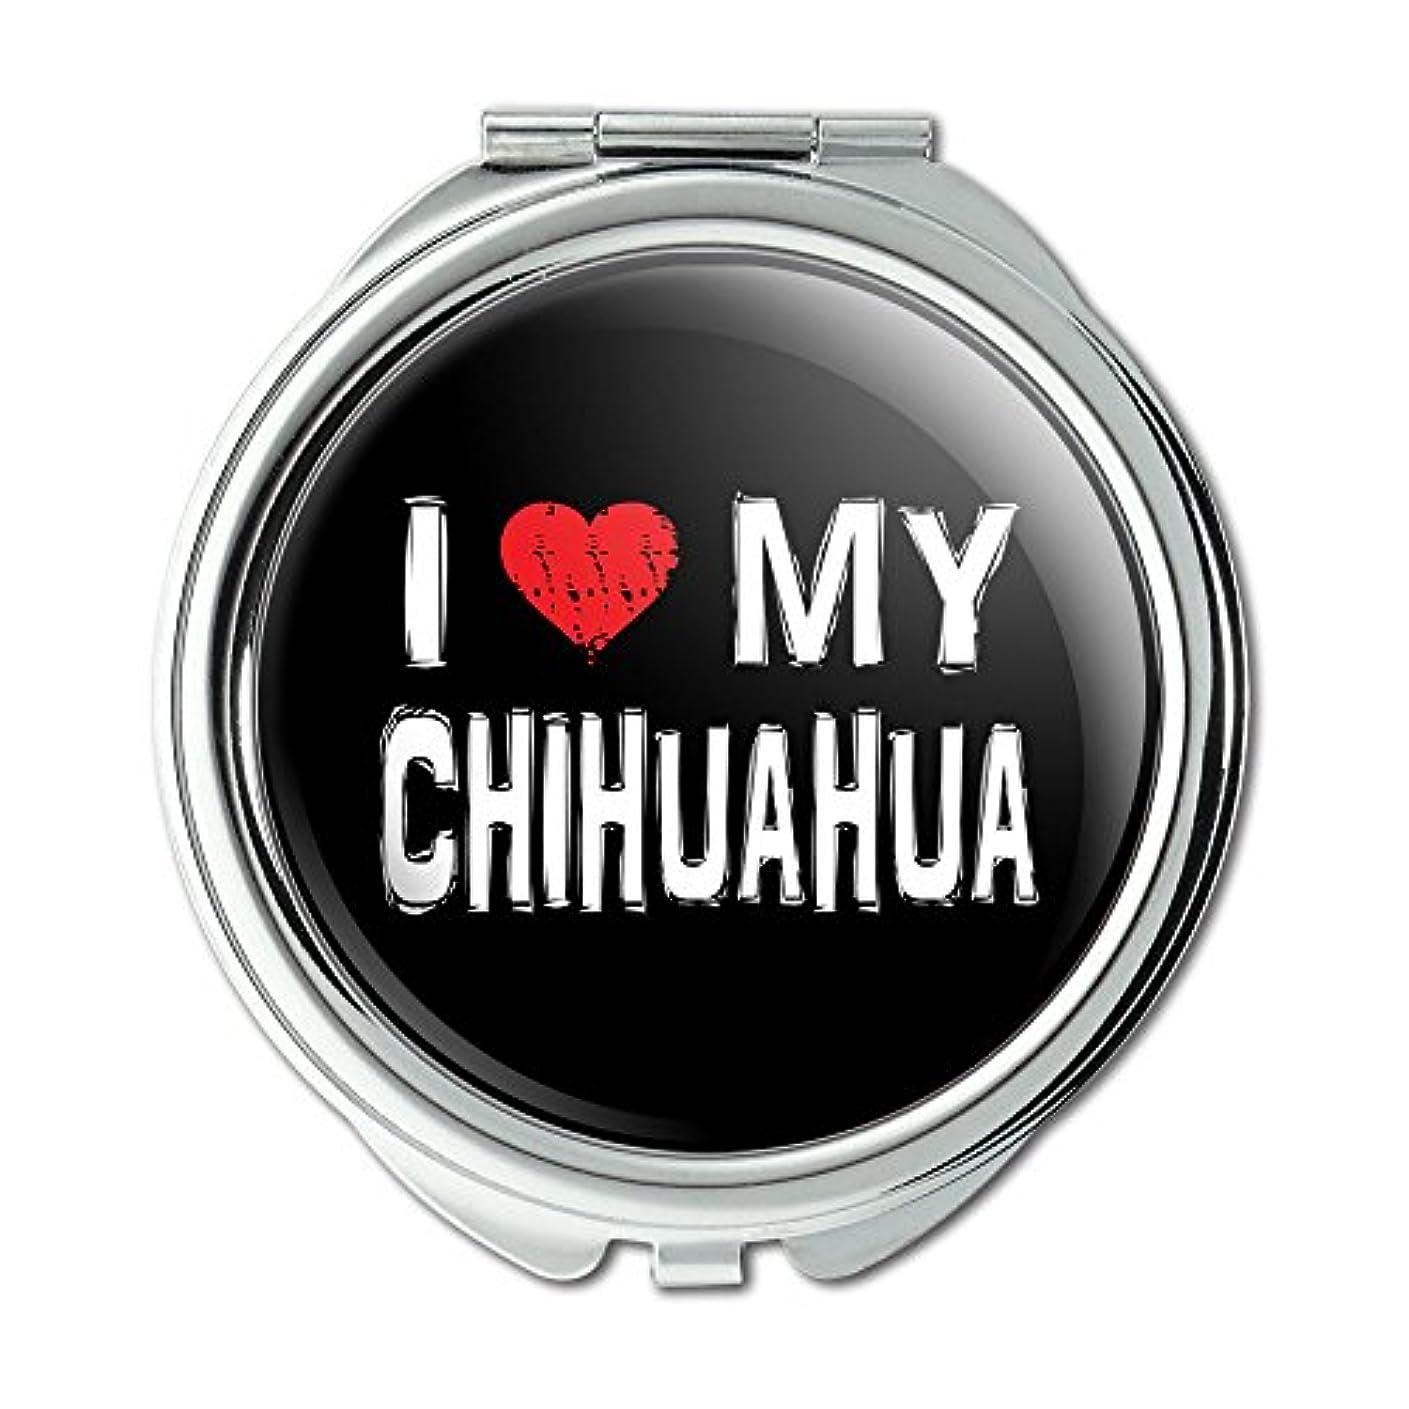 アルバム代わりの排泄物I Love My Chihuahua Stylish Compact Purse Mirror